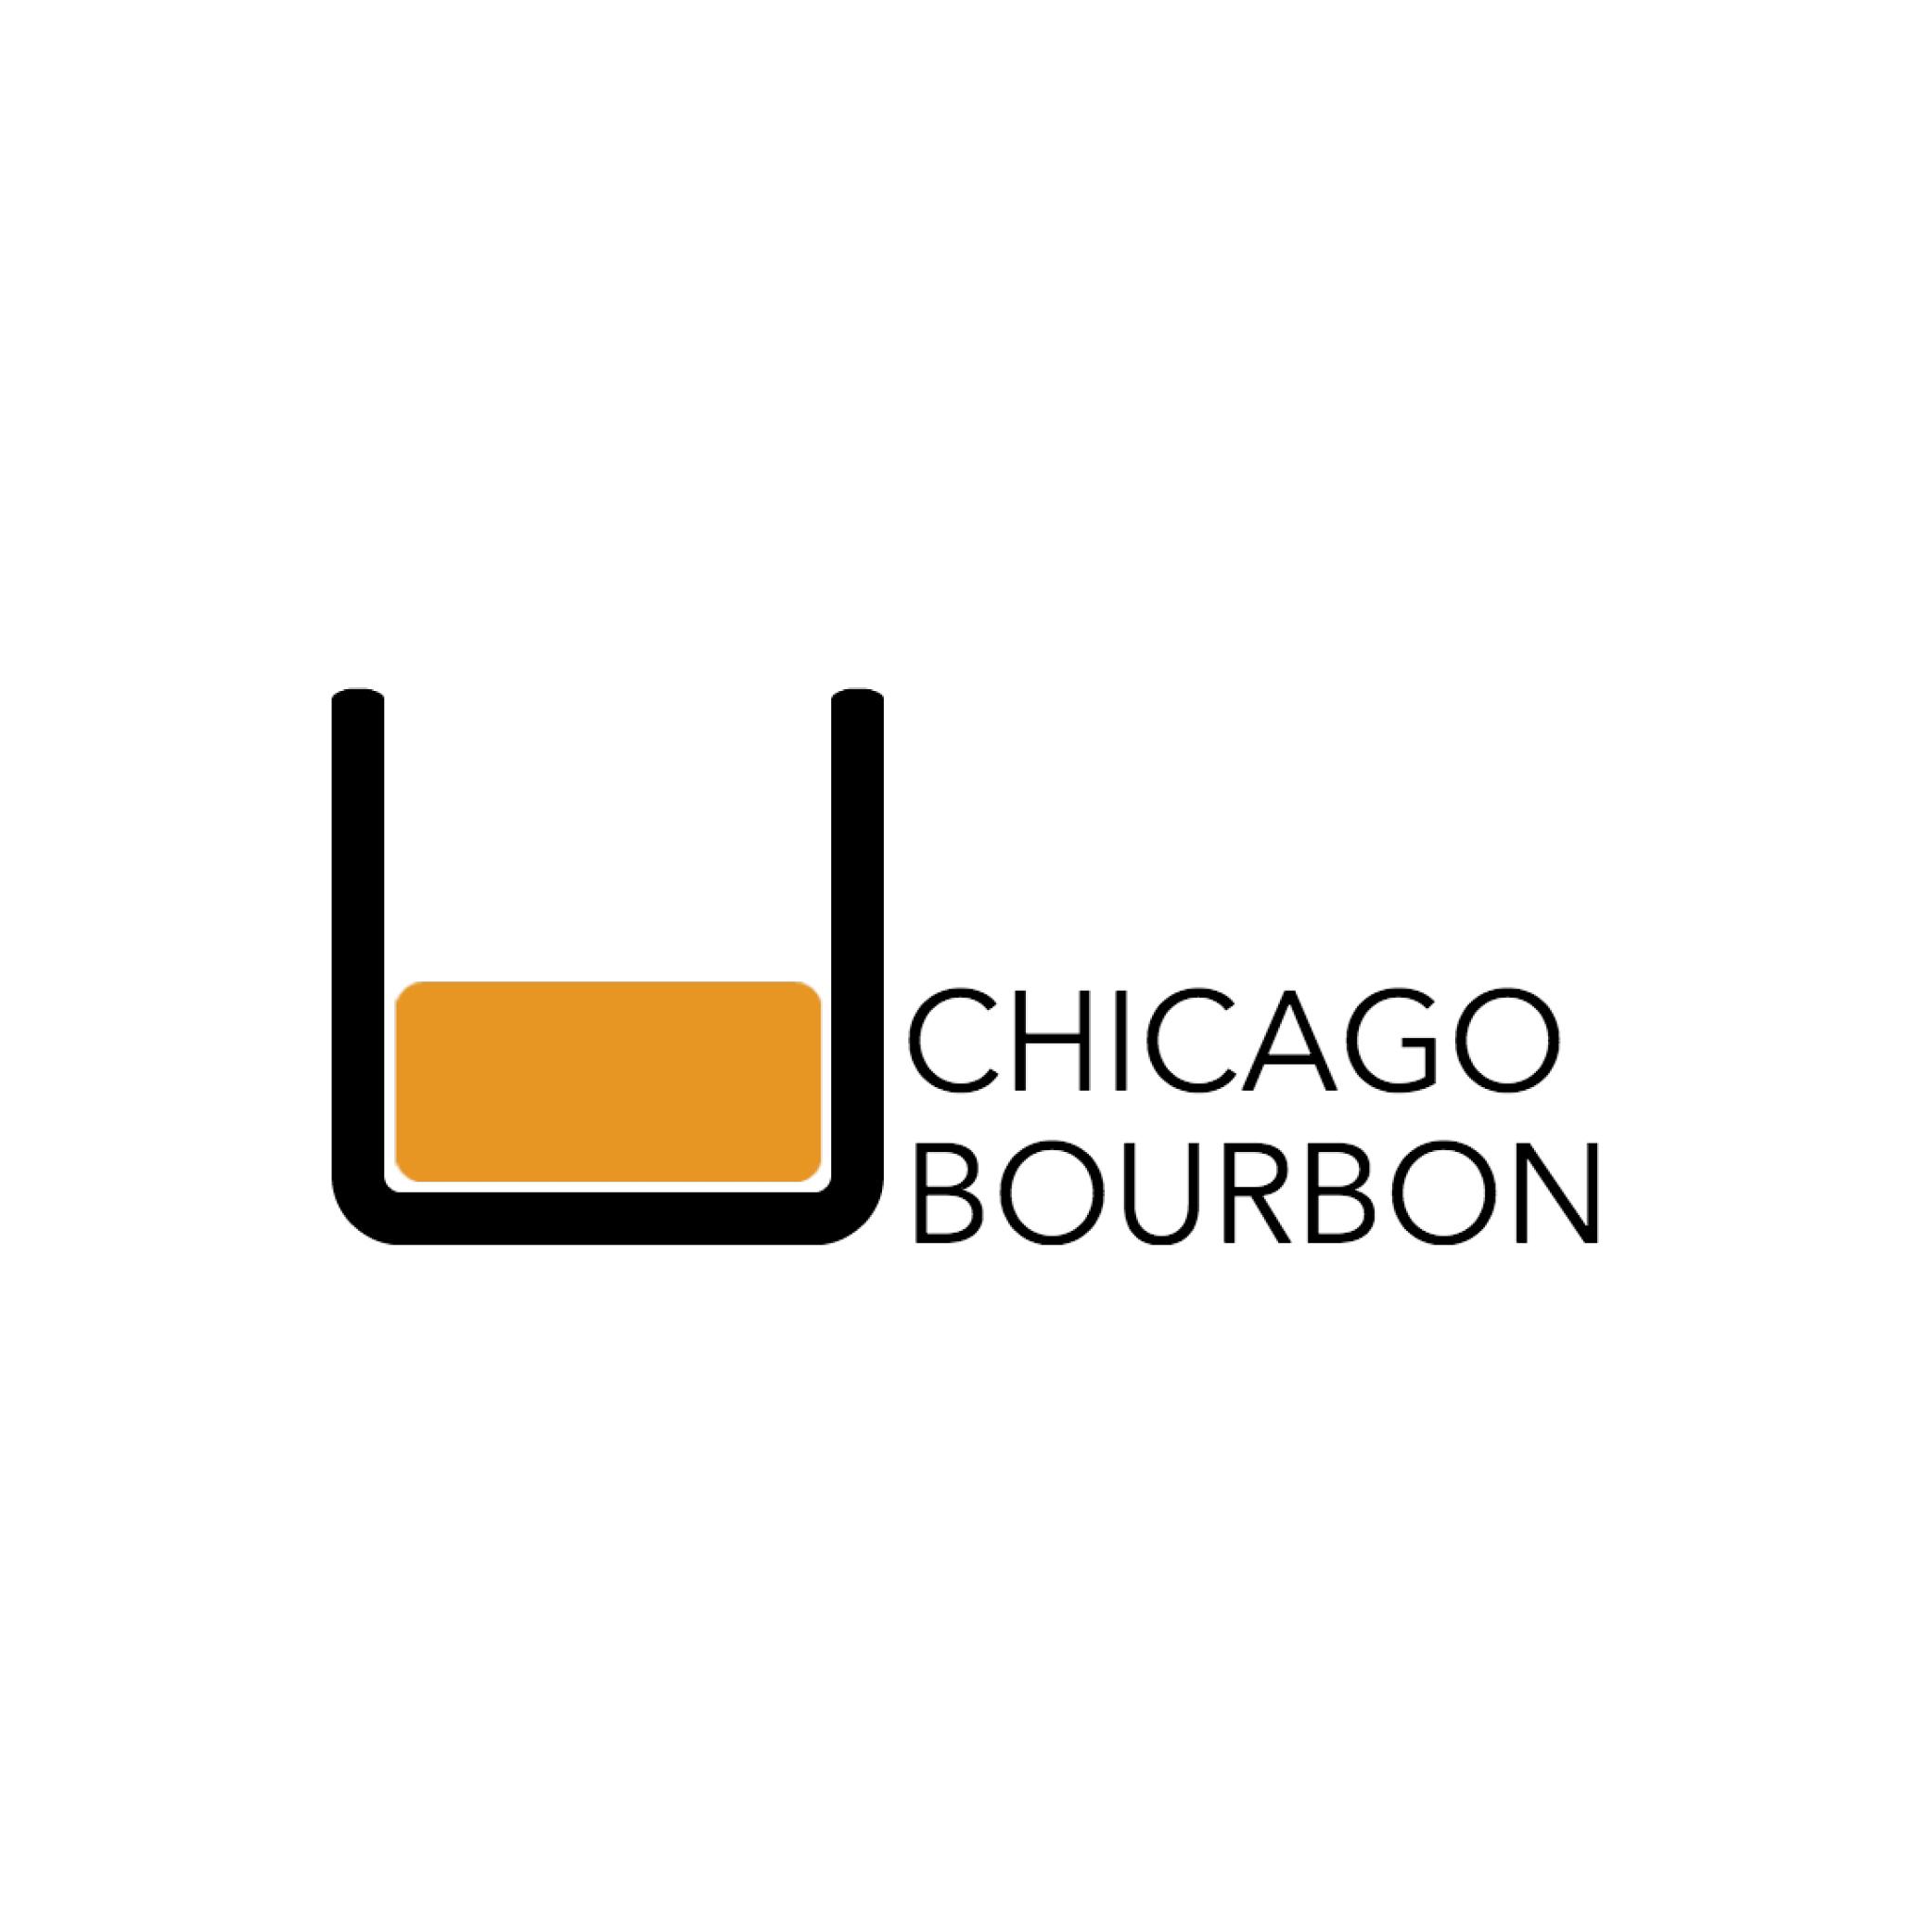 Chicago Bourbon.jpg